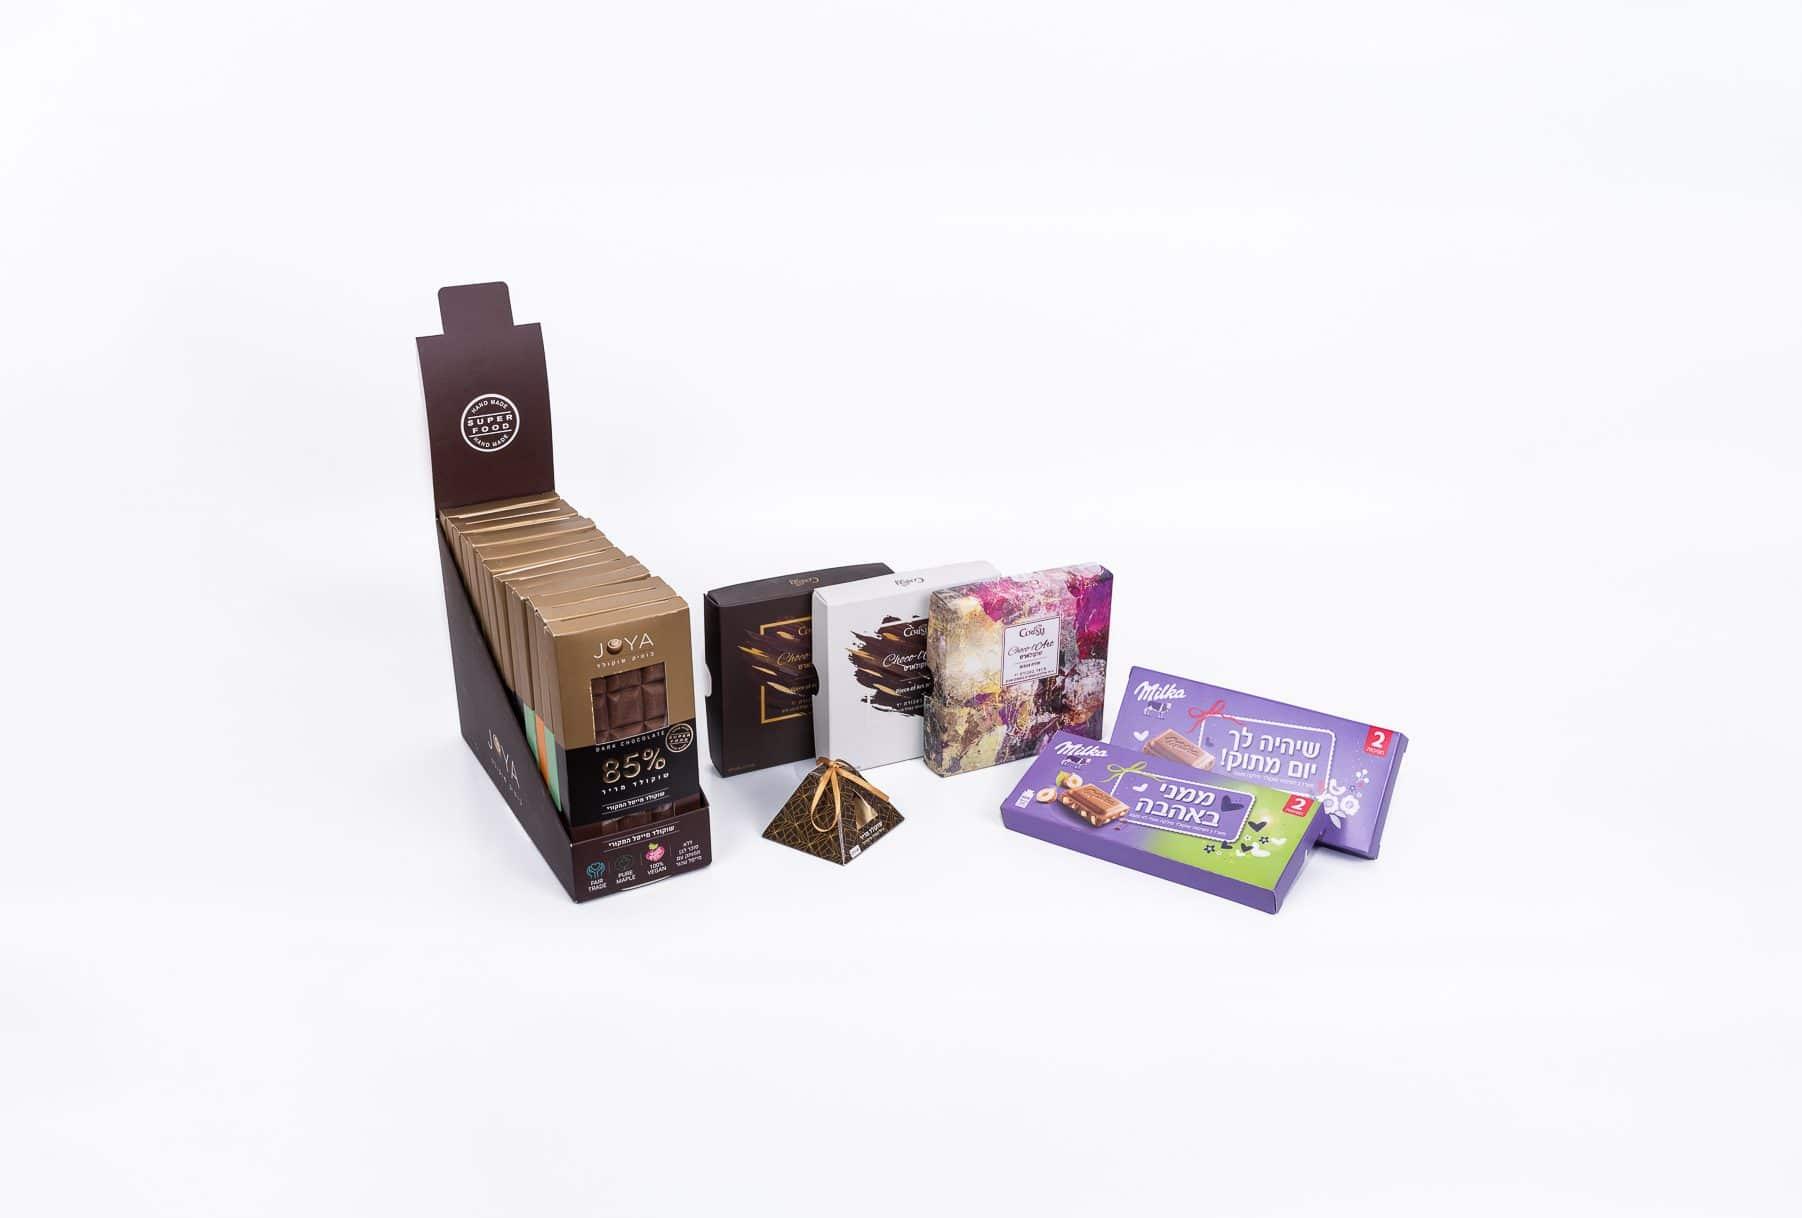 אריזות מזון (שוקולד)